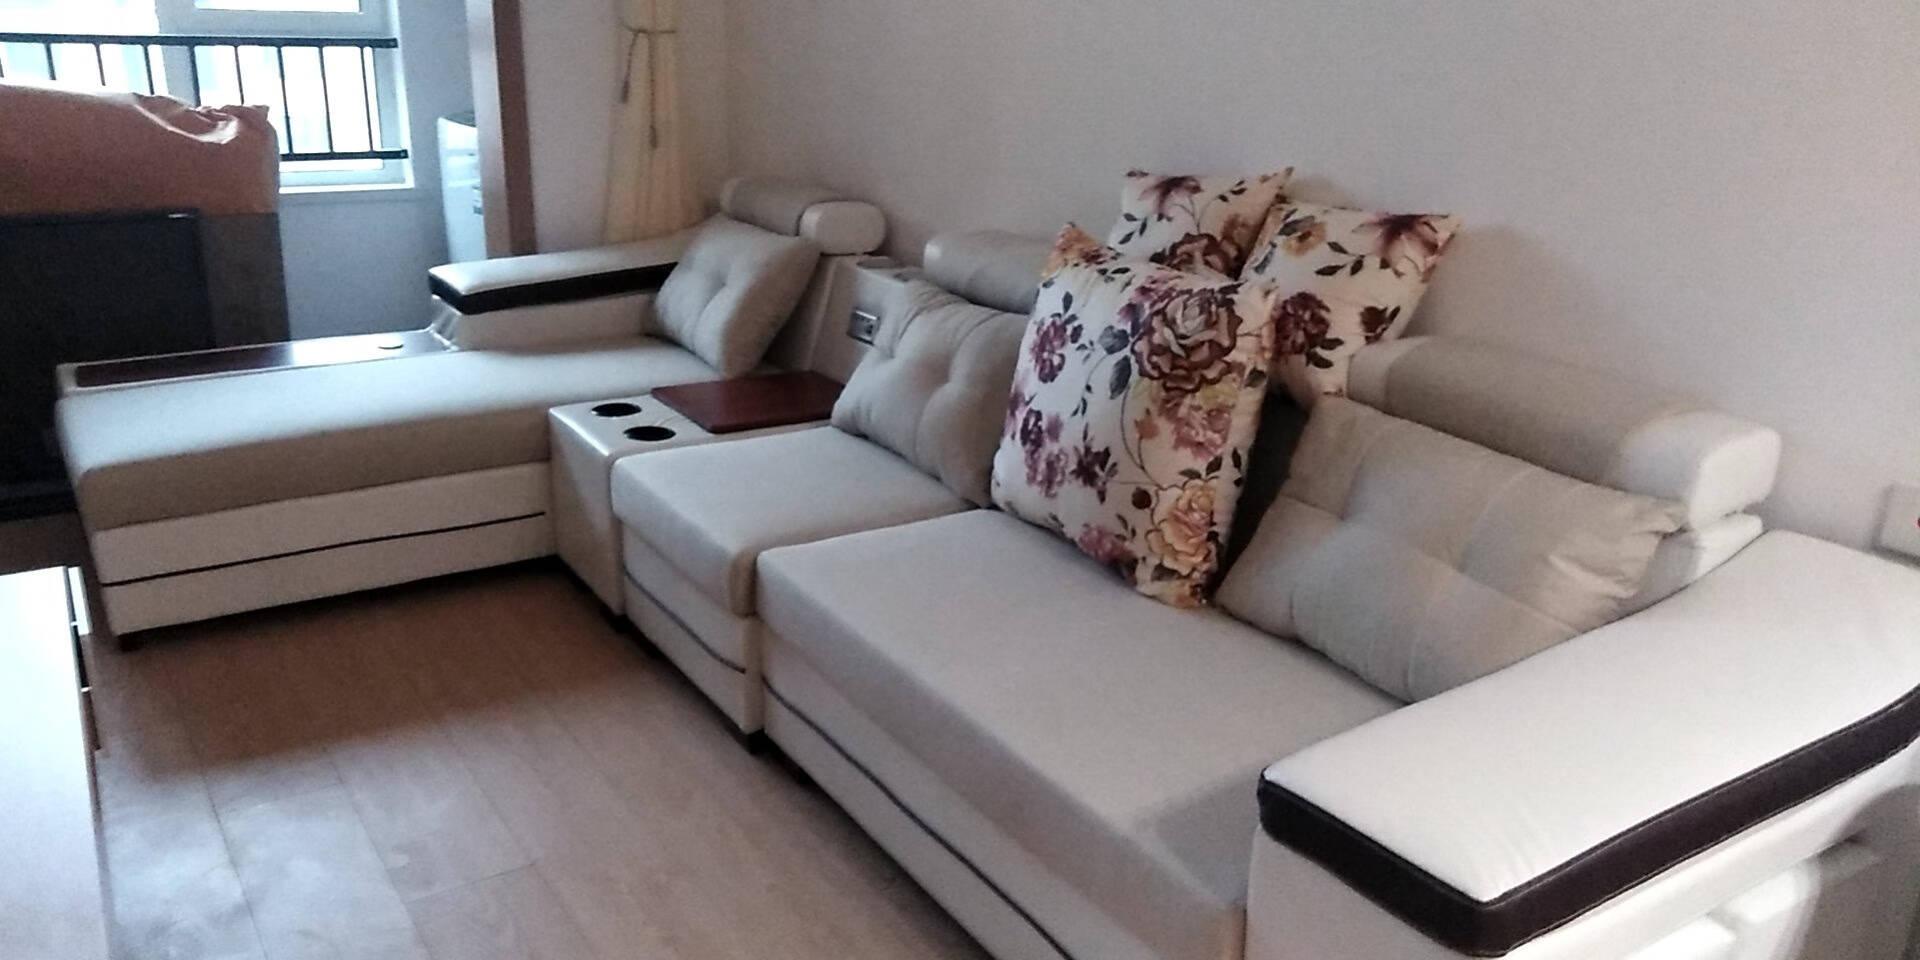 【国庆节钜惠】太和上品沙发布艺沙发可拆洗简约大小户型客厅转角科技布沙发现代整装实木框架家具直排三人位【配4个布凳】【颜色备注】标准版【桉木框架+海绵版】